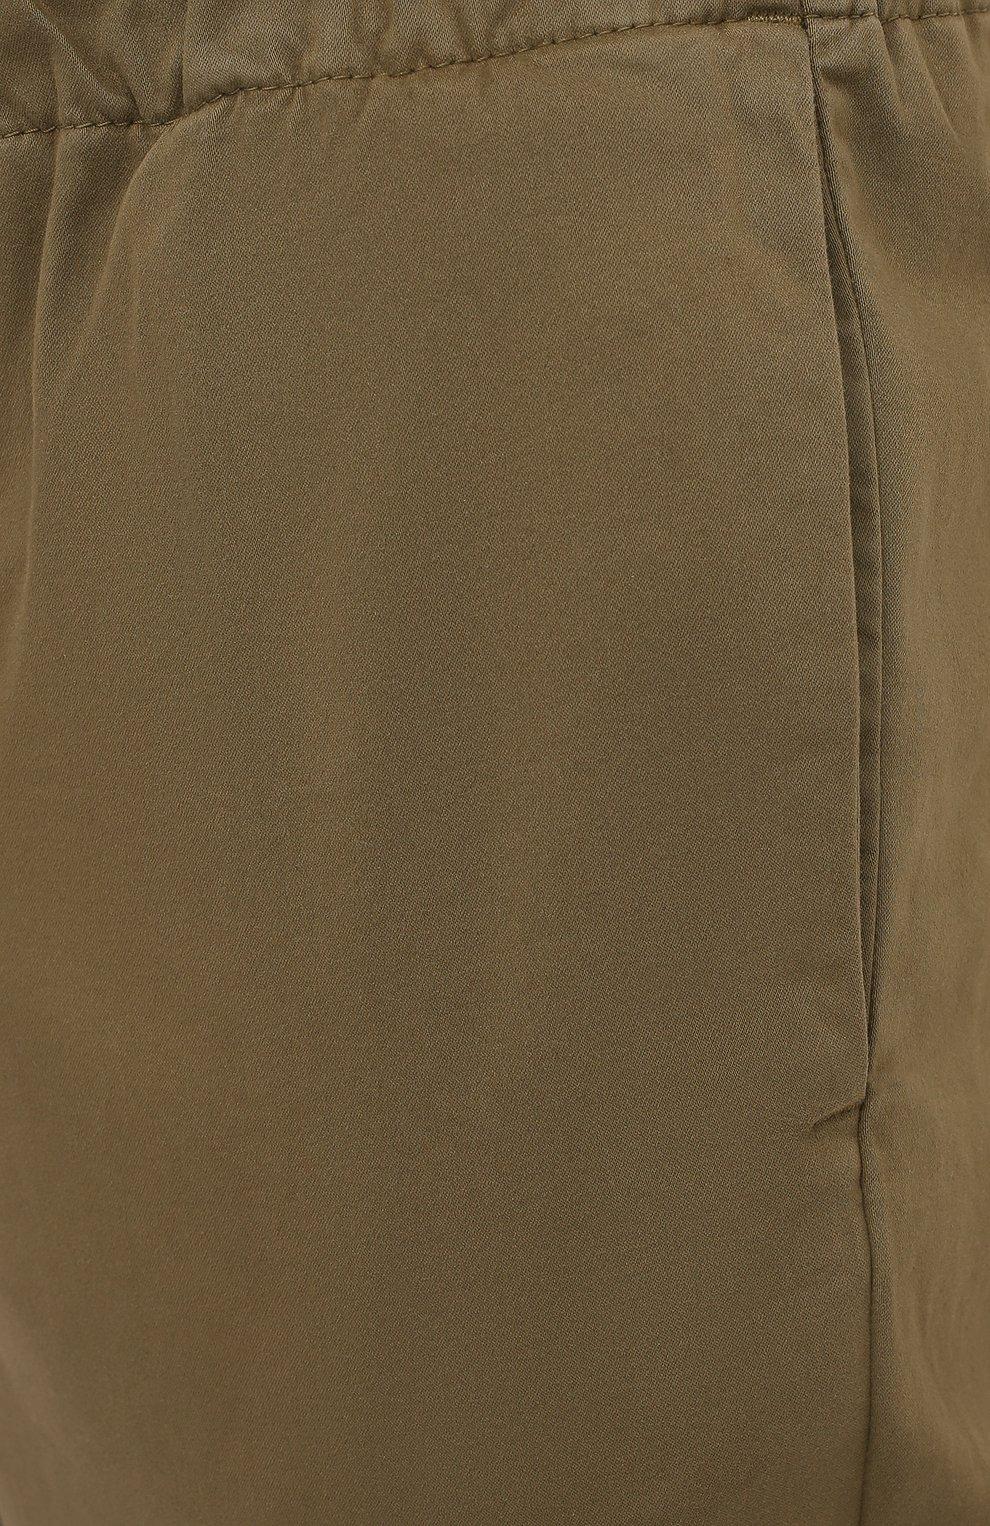 Мужские брюки 7 FOR ALL MANKIND хаки цвета, арт. JSCJB560FR   Фото 5 (Длина (брюки, джинсы): Стандартные; Случай: Повседневный; Материал внешний: Синтетический материал, Хлопок; Стили: Кэжуэл)